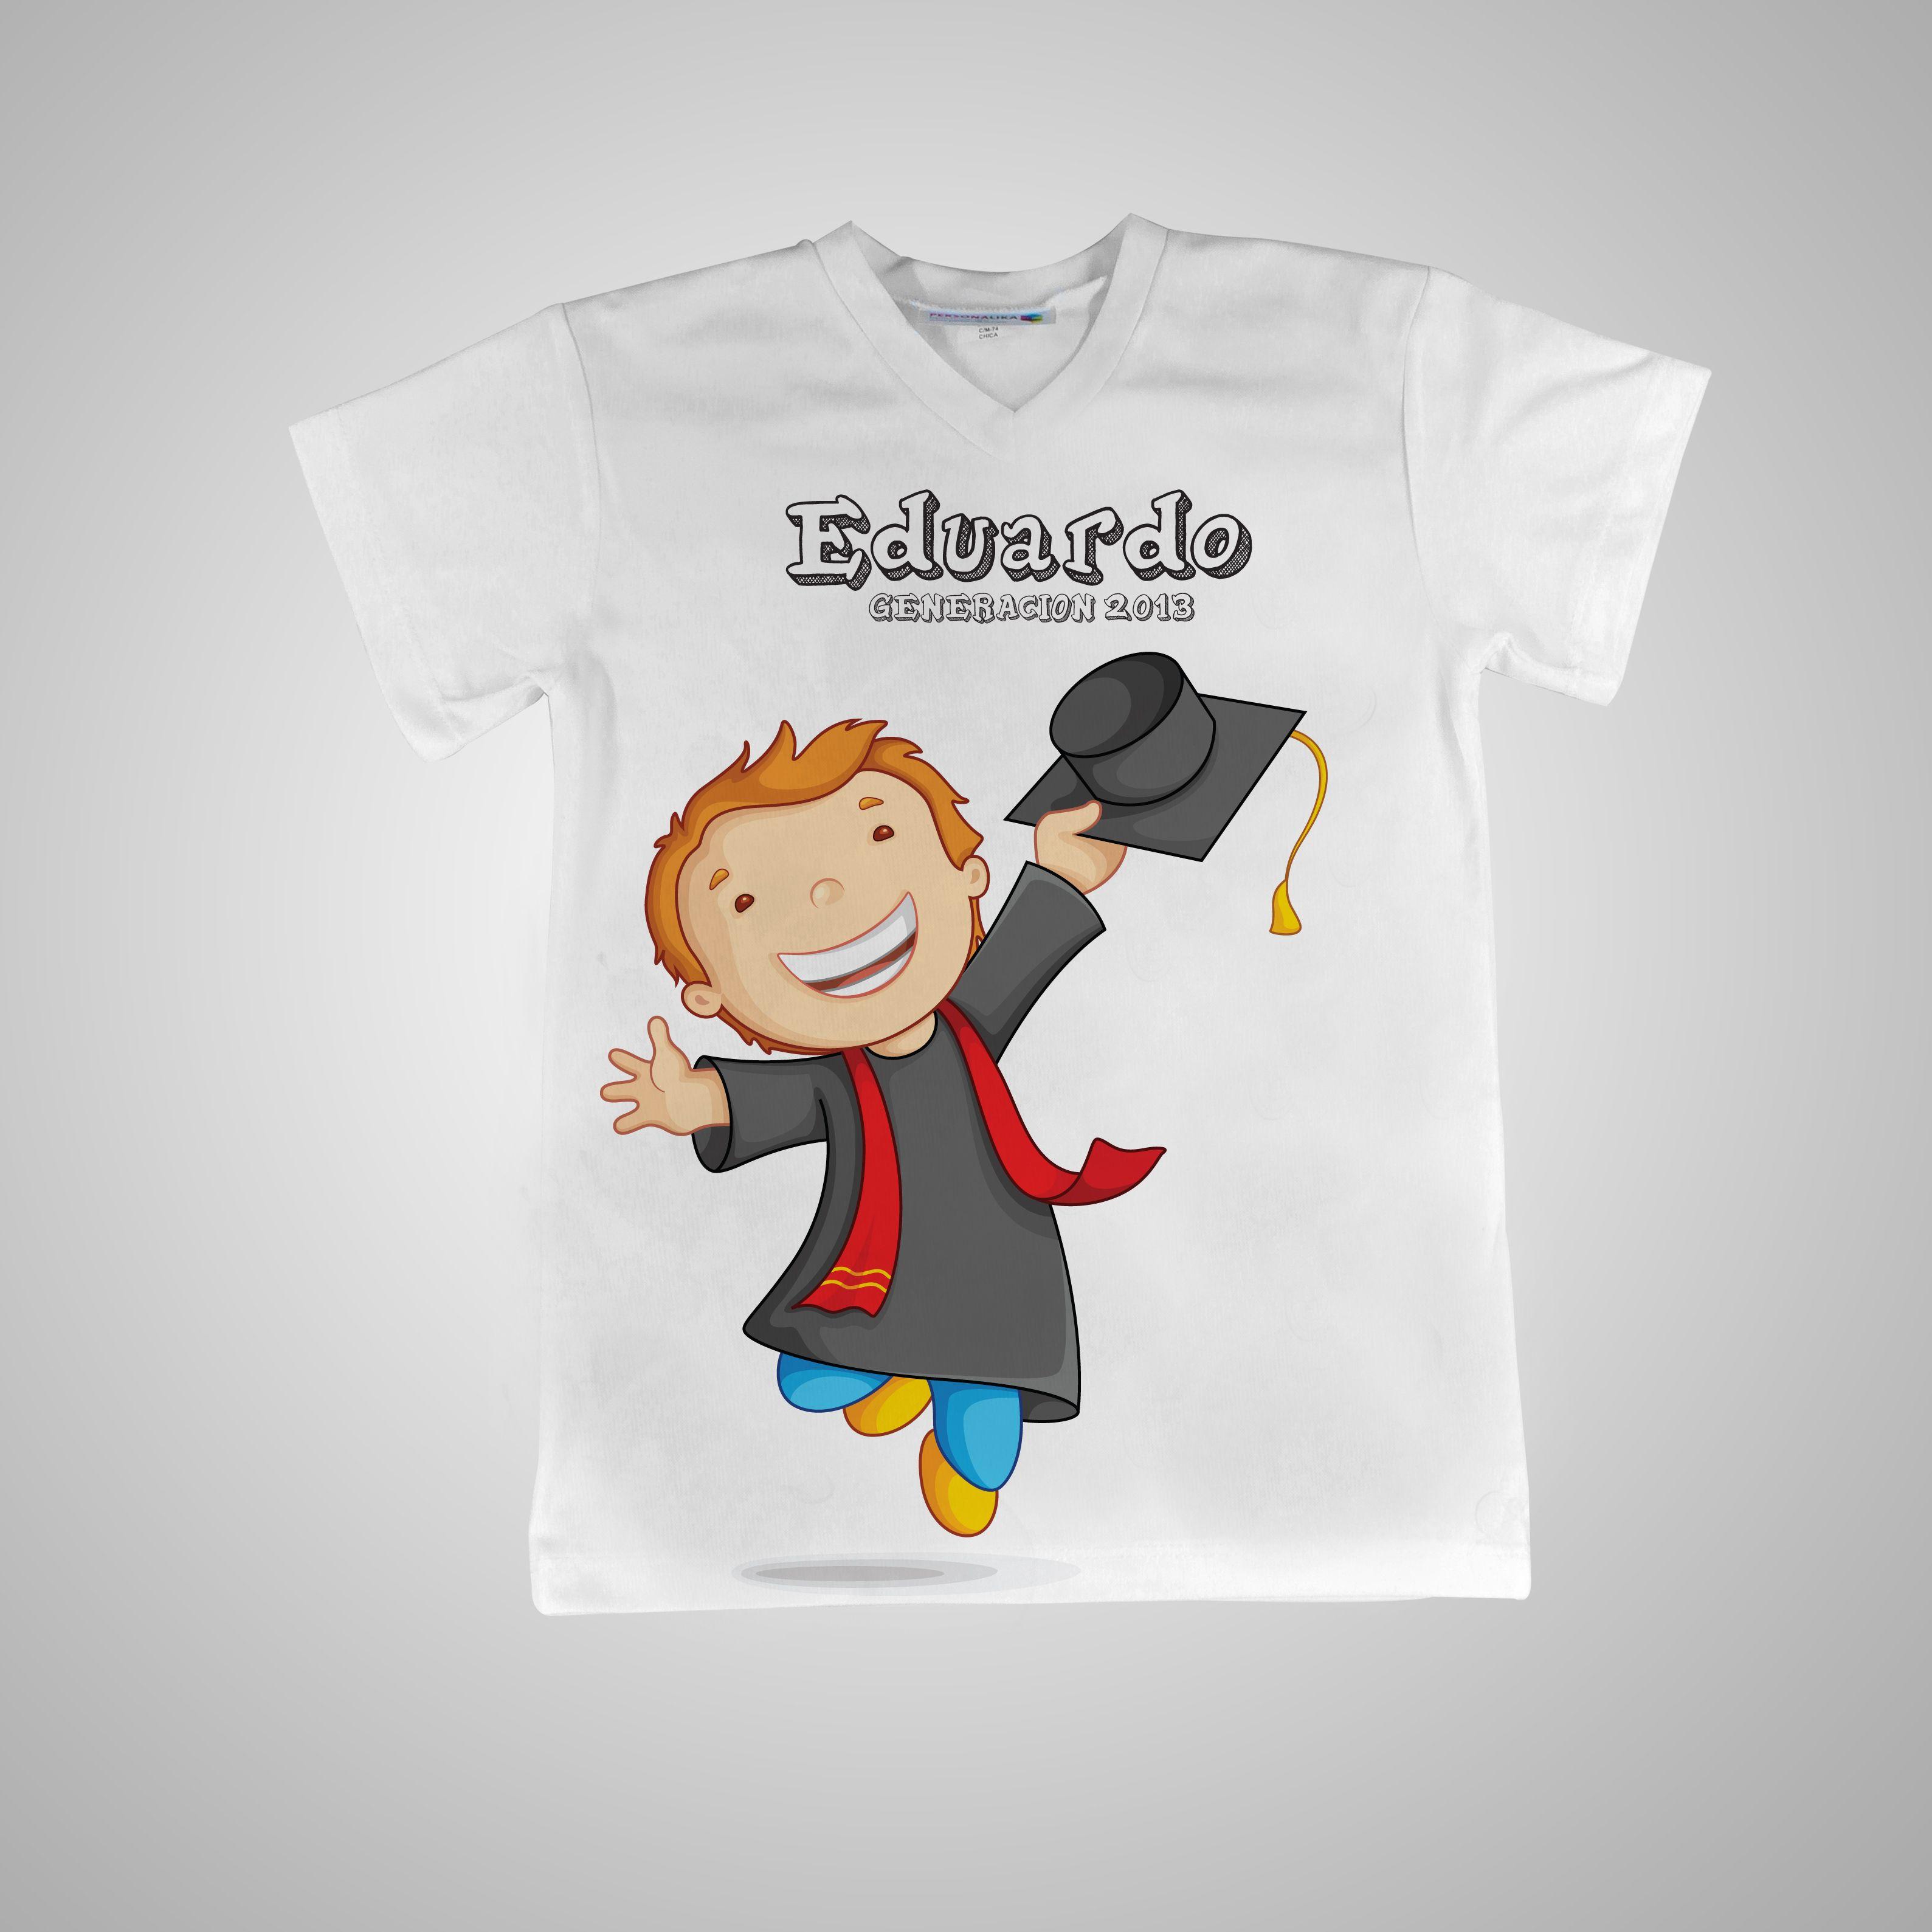 Playera estampados camisetas pinterest graduaci n - Letras para serigrafia ...